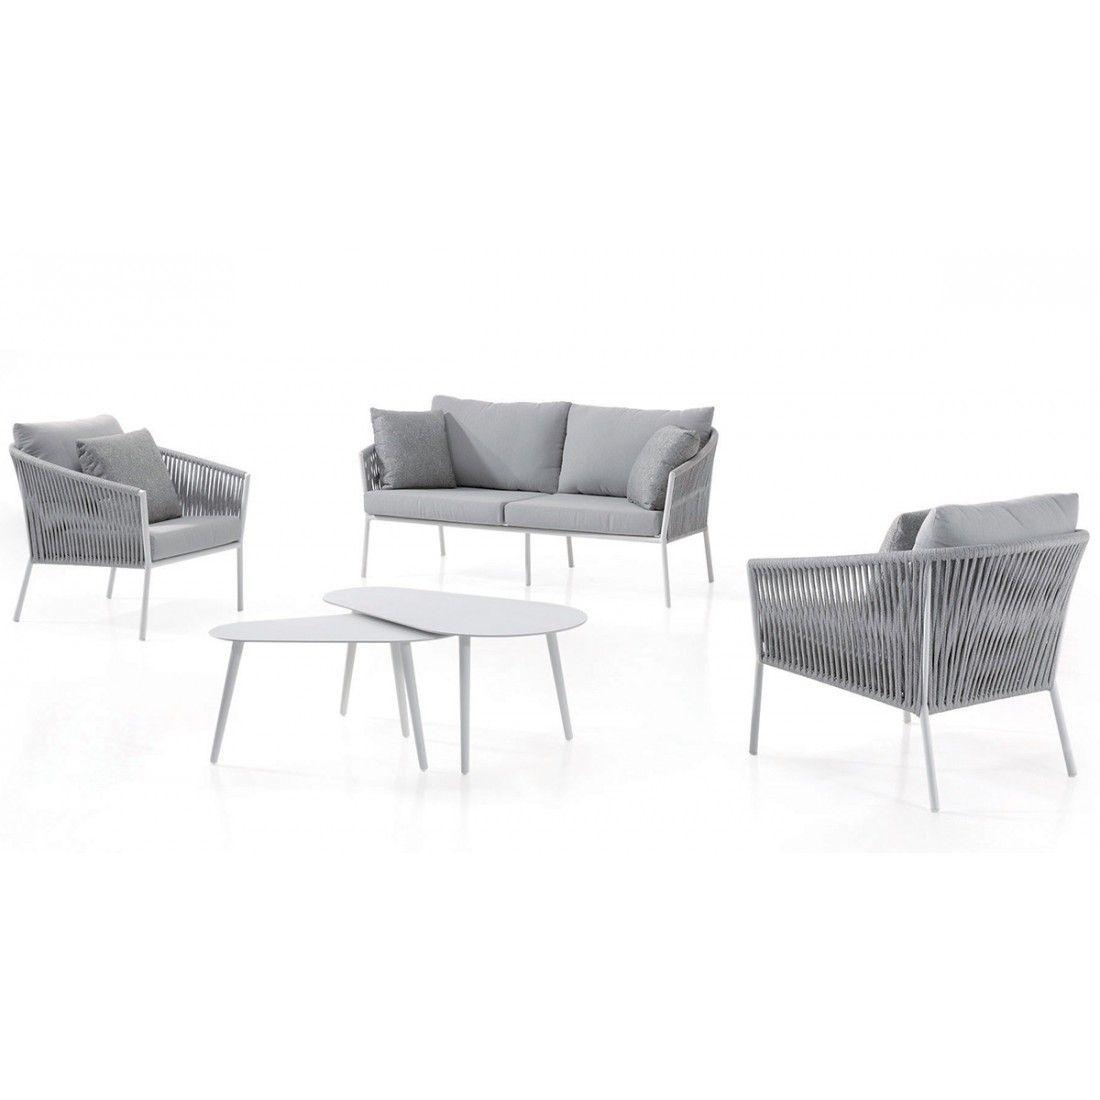 Salon de jardin design avec canapés, fauteuils, coussins et table, Gabon